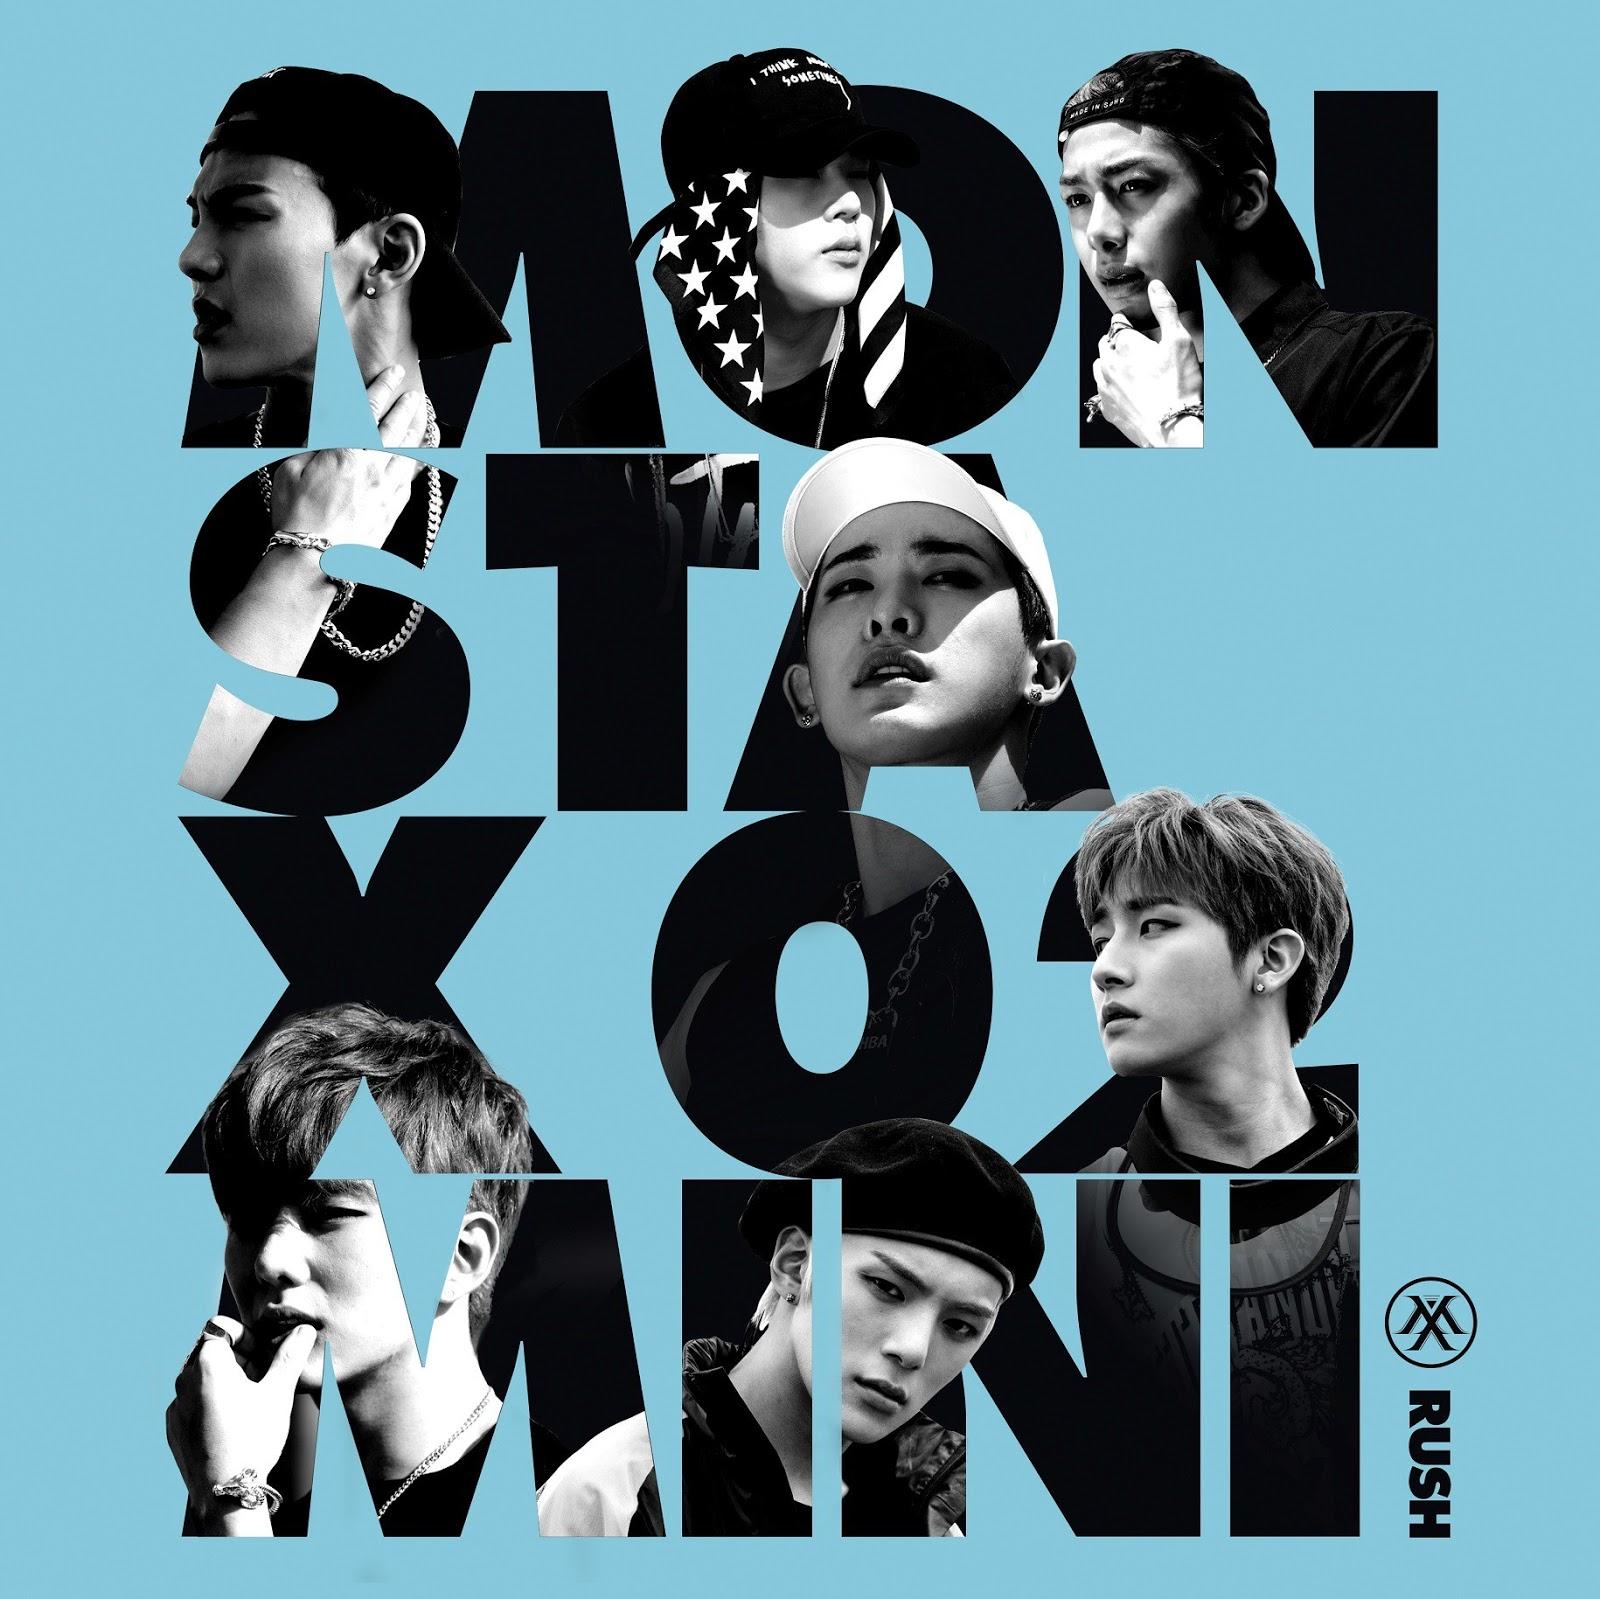 Bildergebnis für rush monsta x album cover